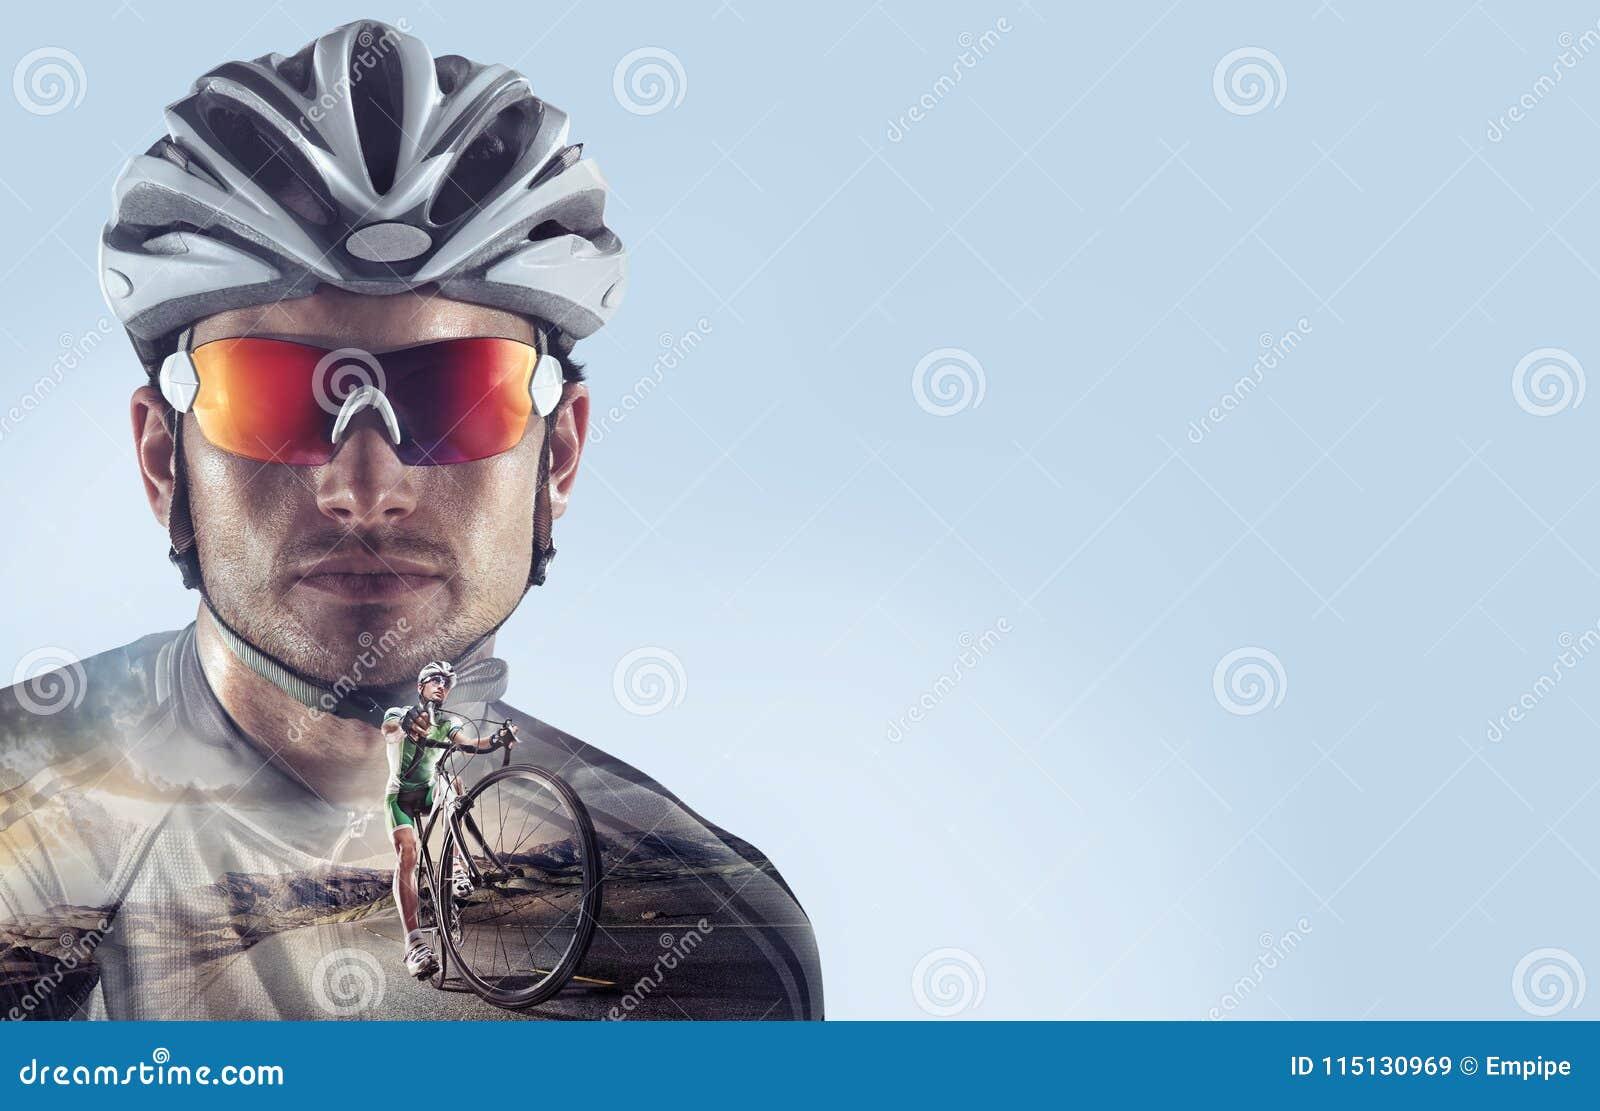 Ambiti di provenienza di sport Ritratto eroico del ciclista